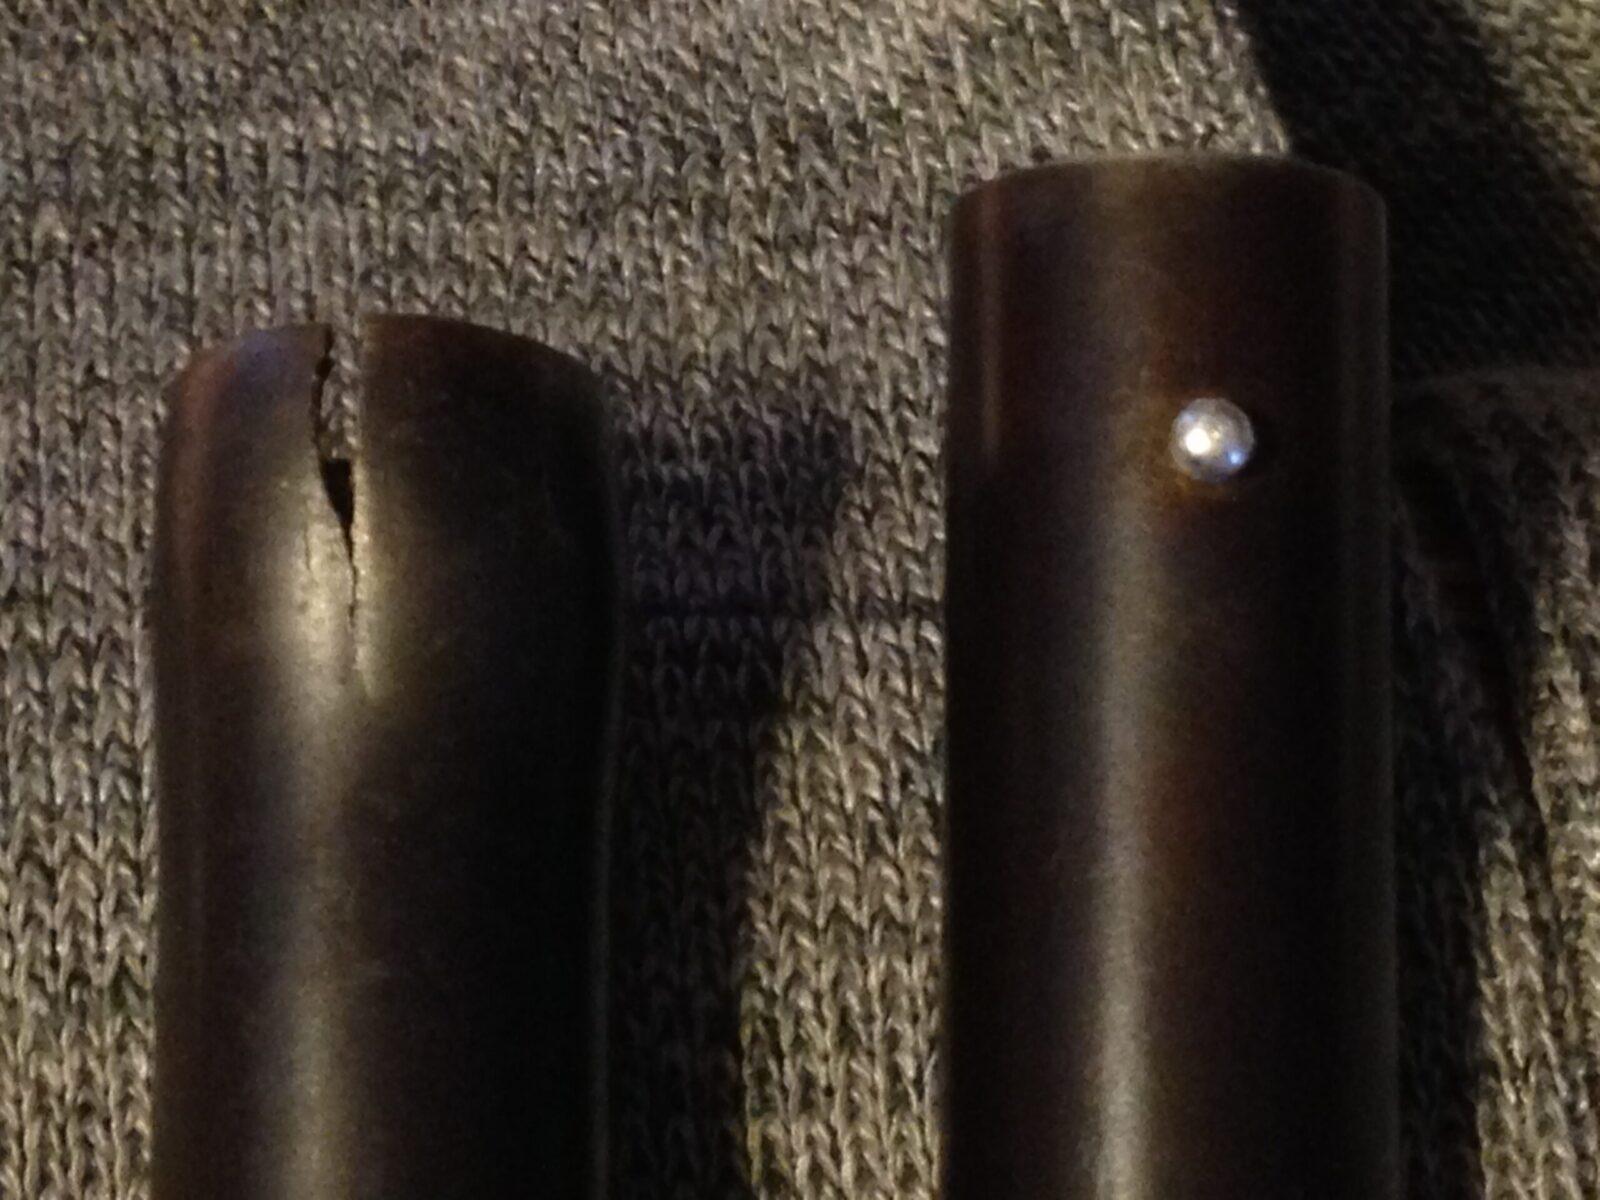 Shotgun split barrel repair